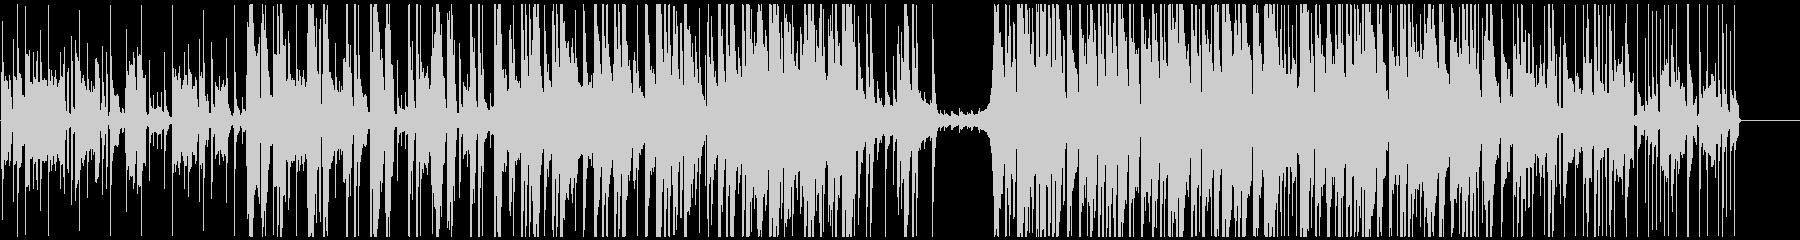 ラグジュアリーなジャズエレクトロニカの未再生の波形